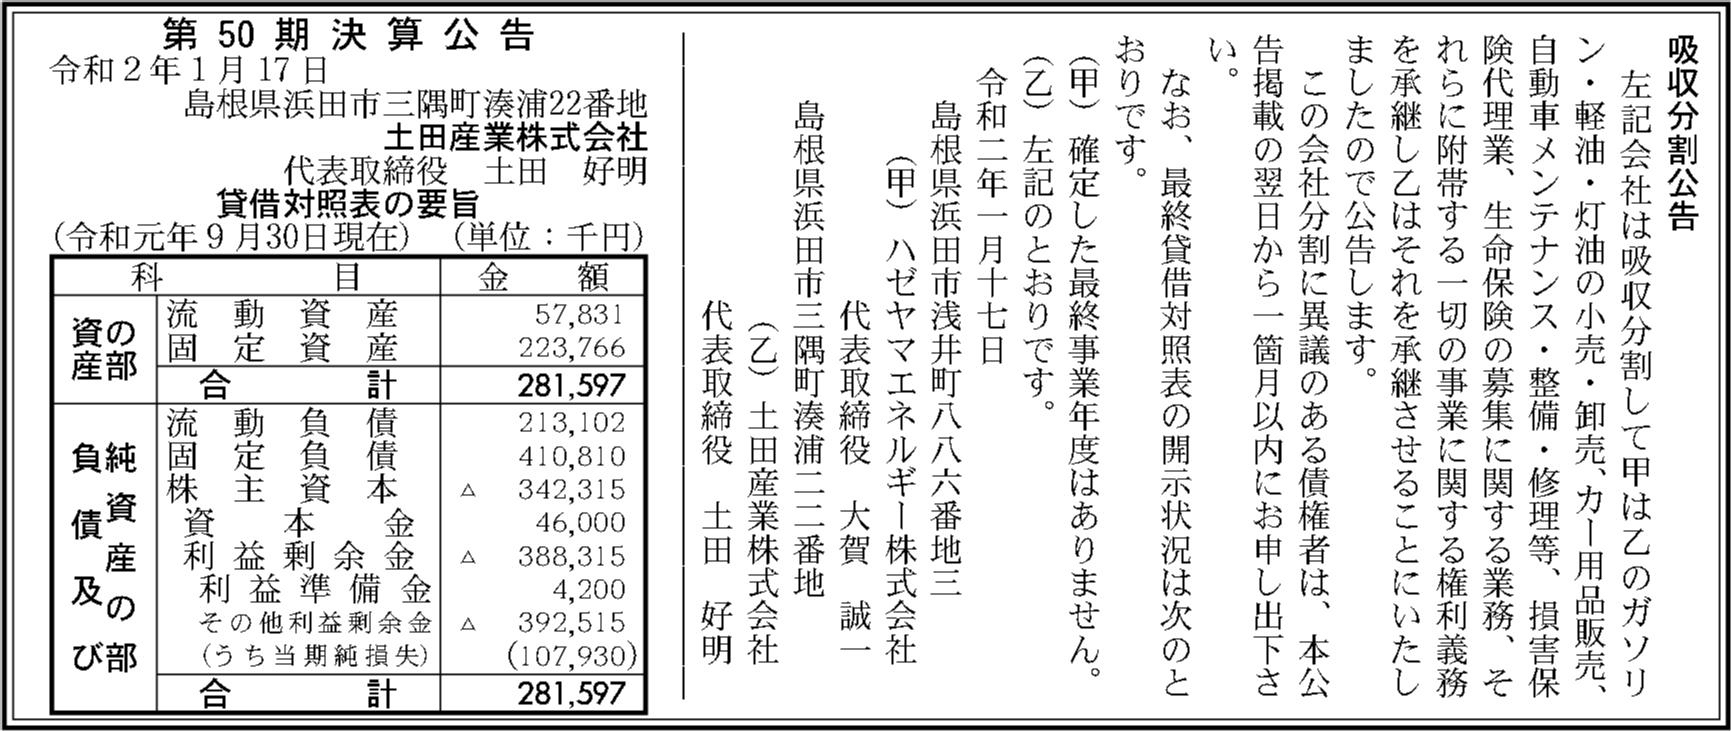 0089 8667b3cf302b988114b6398d858b5d62e4cd089014b72bb4c085a36c2f175041d36c18ad83eb349e90d48cd6e69cac5fea6e20eaa948a41ec8941b6ec47af13b 08